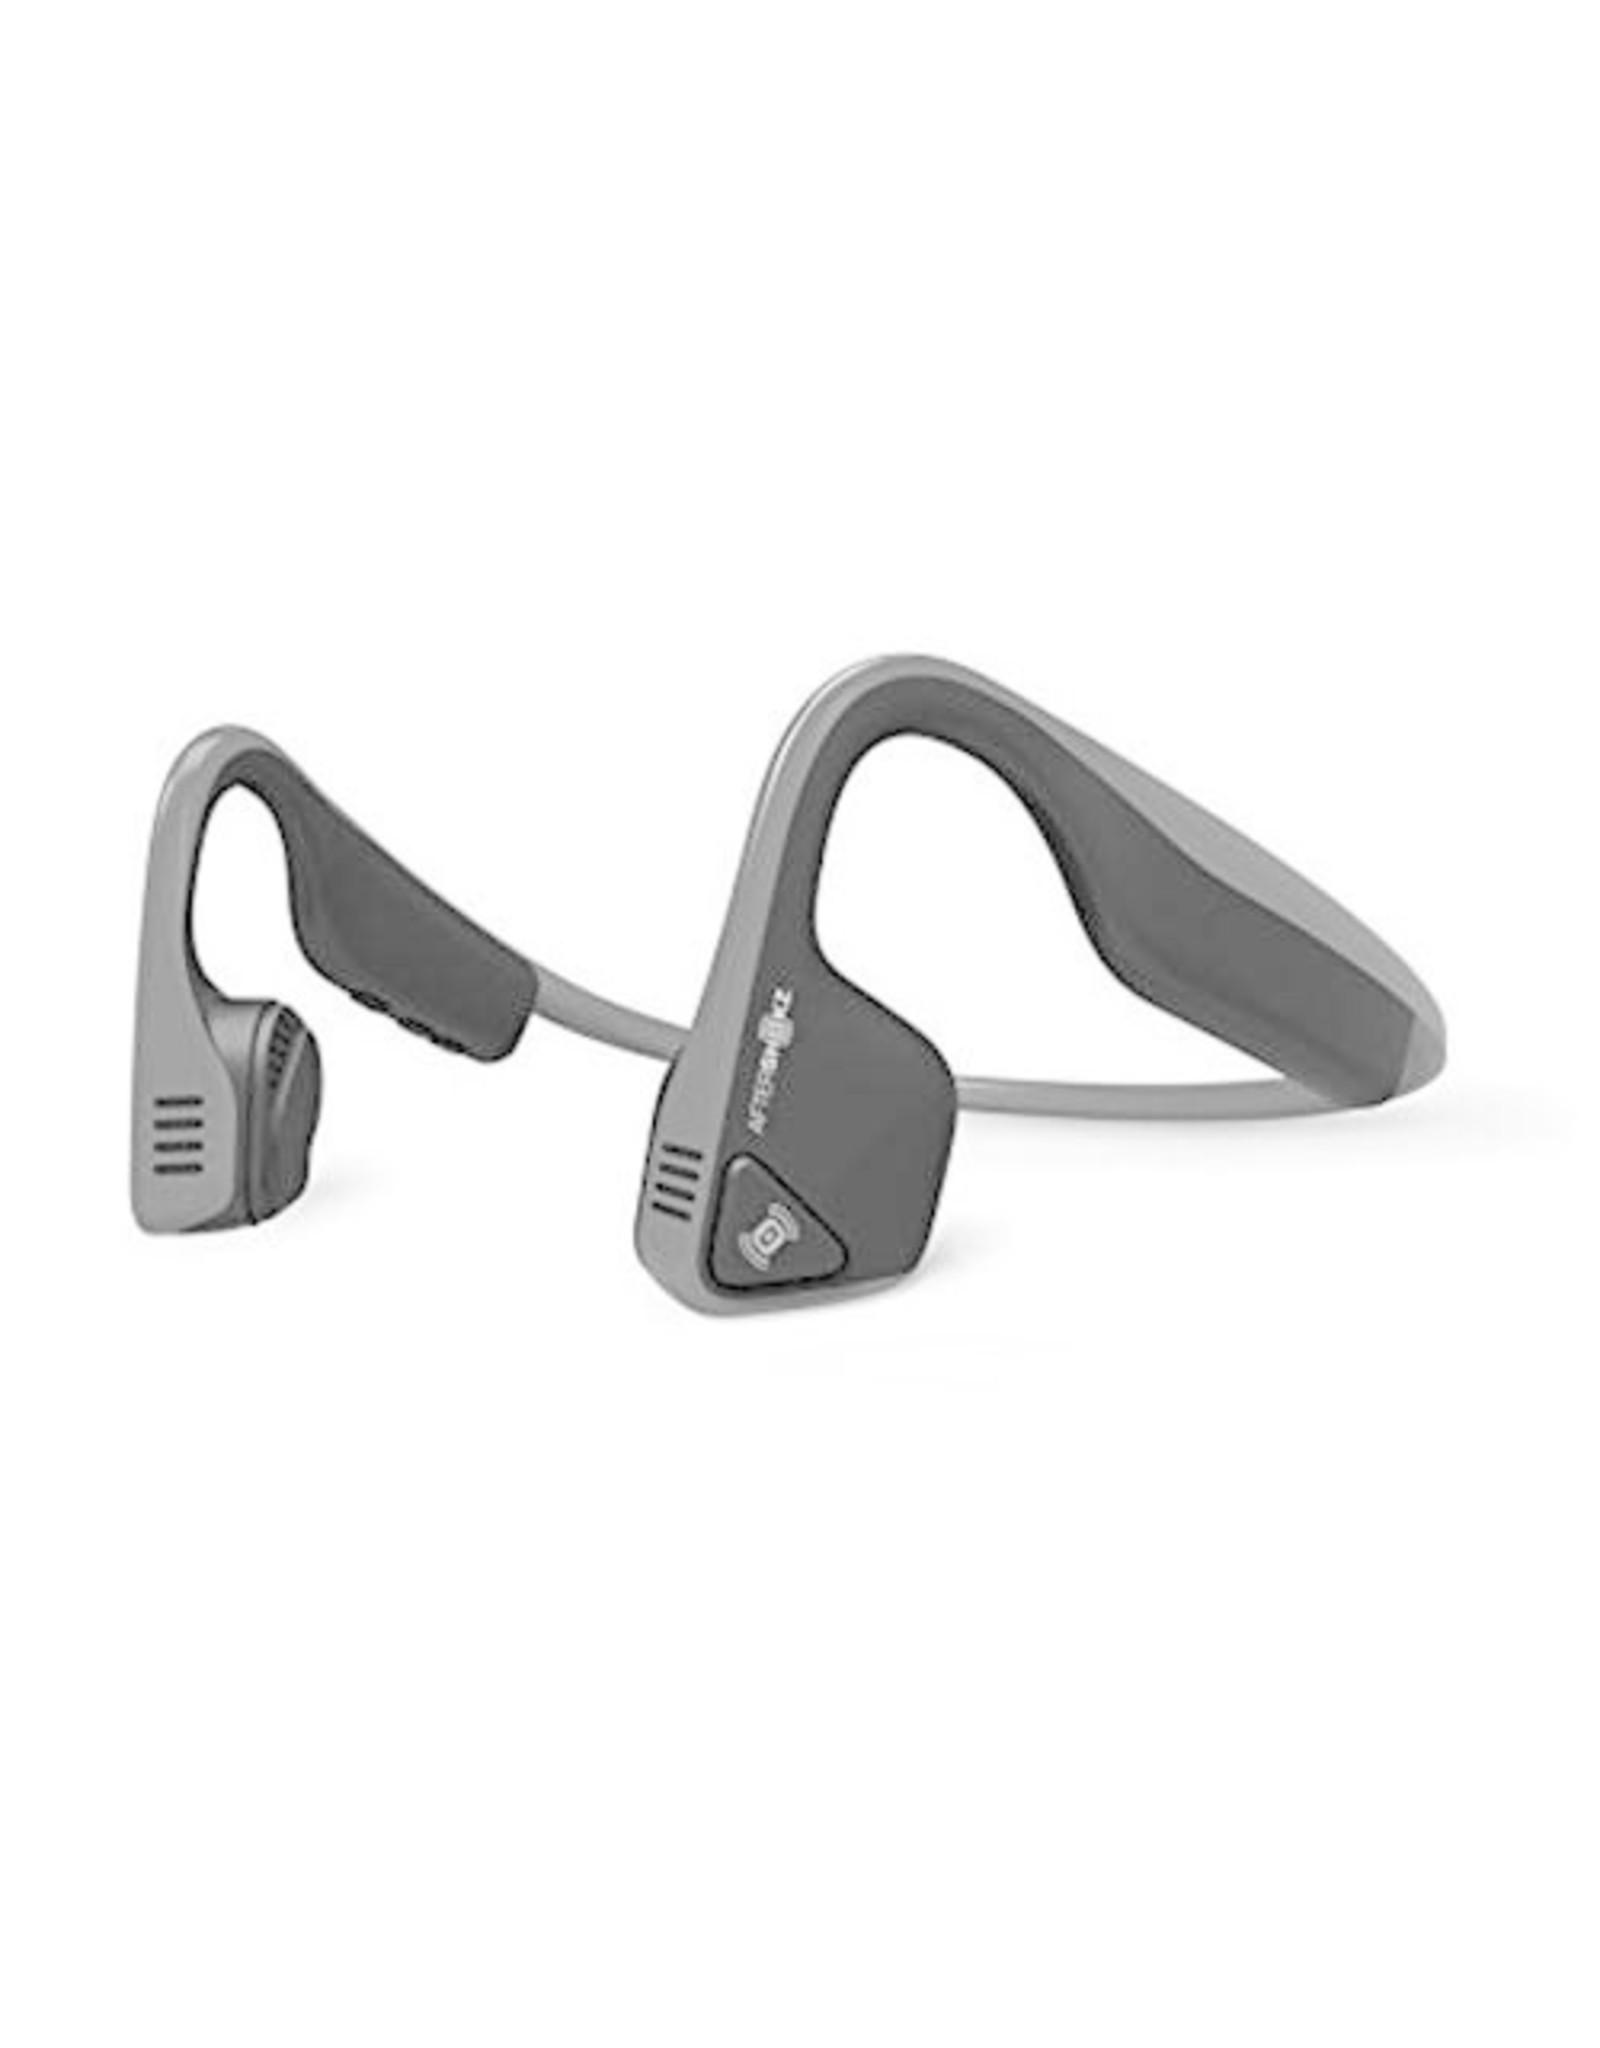 Aftershokz Aftershokz Titanium Bluetooth 4.1 Headphones Slate Grey  SKU:44351